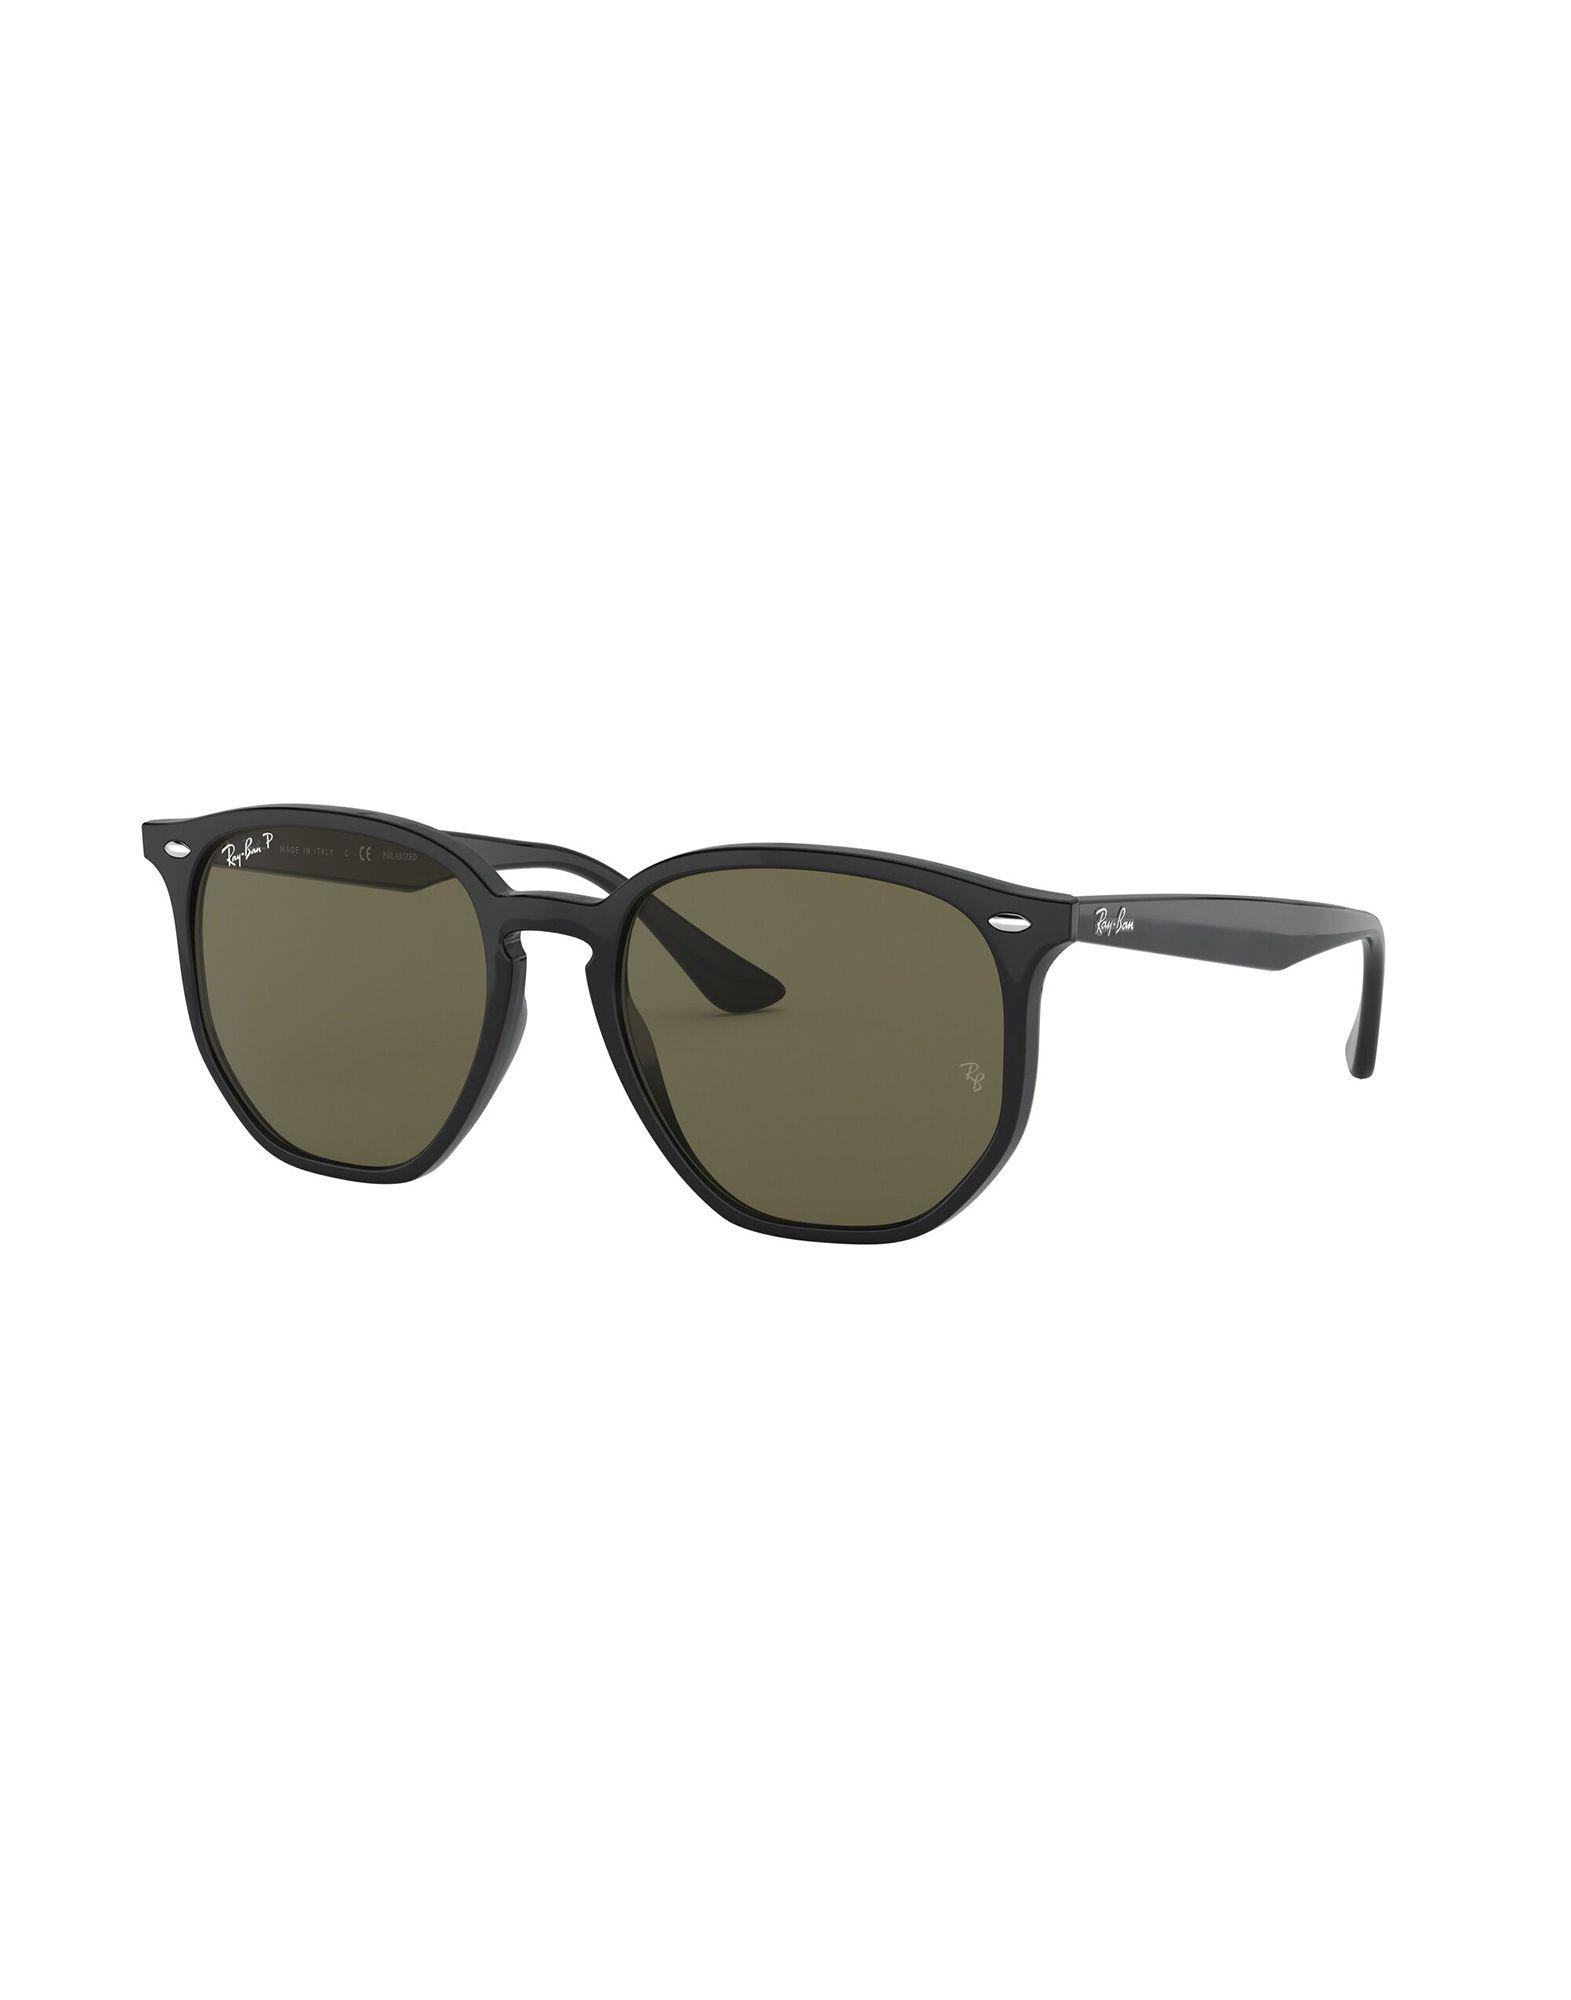 RAY-BAN Солнечные очки кафа франц очки водителя поляризационные мужские коричневая линза сf919